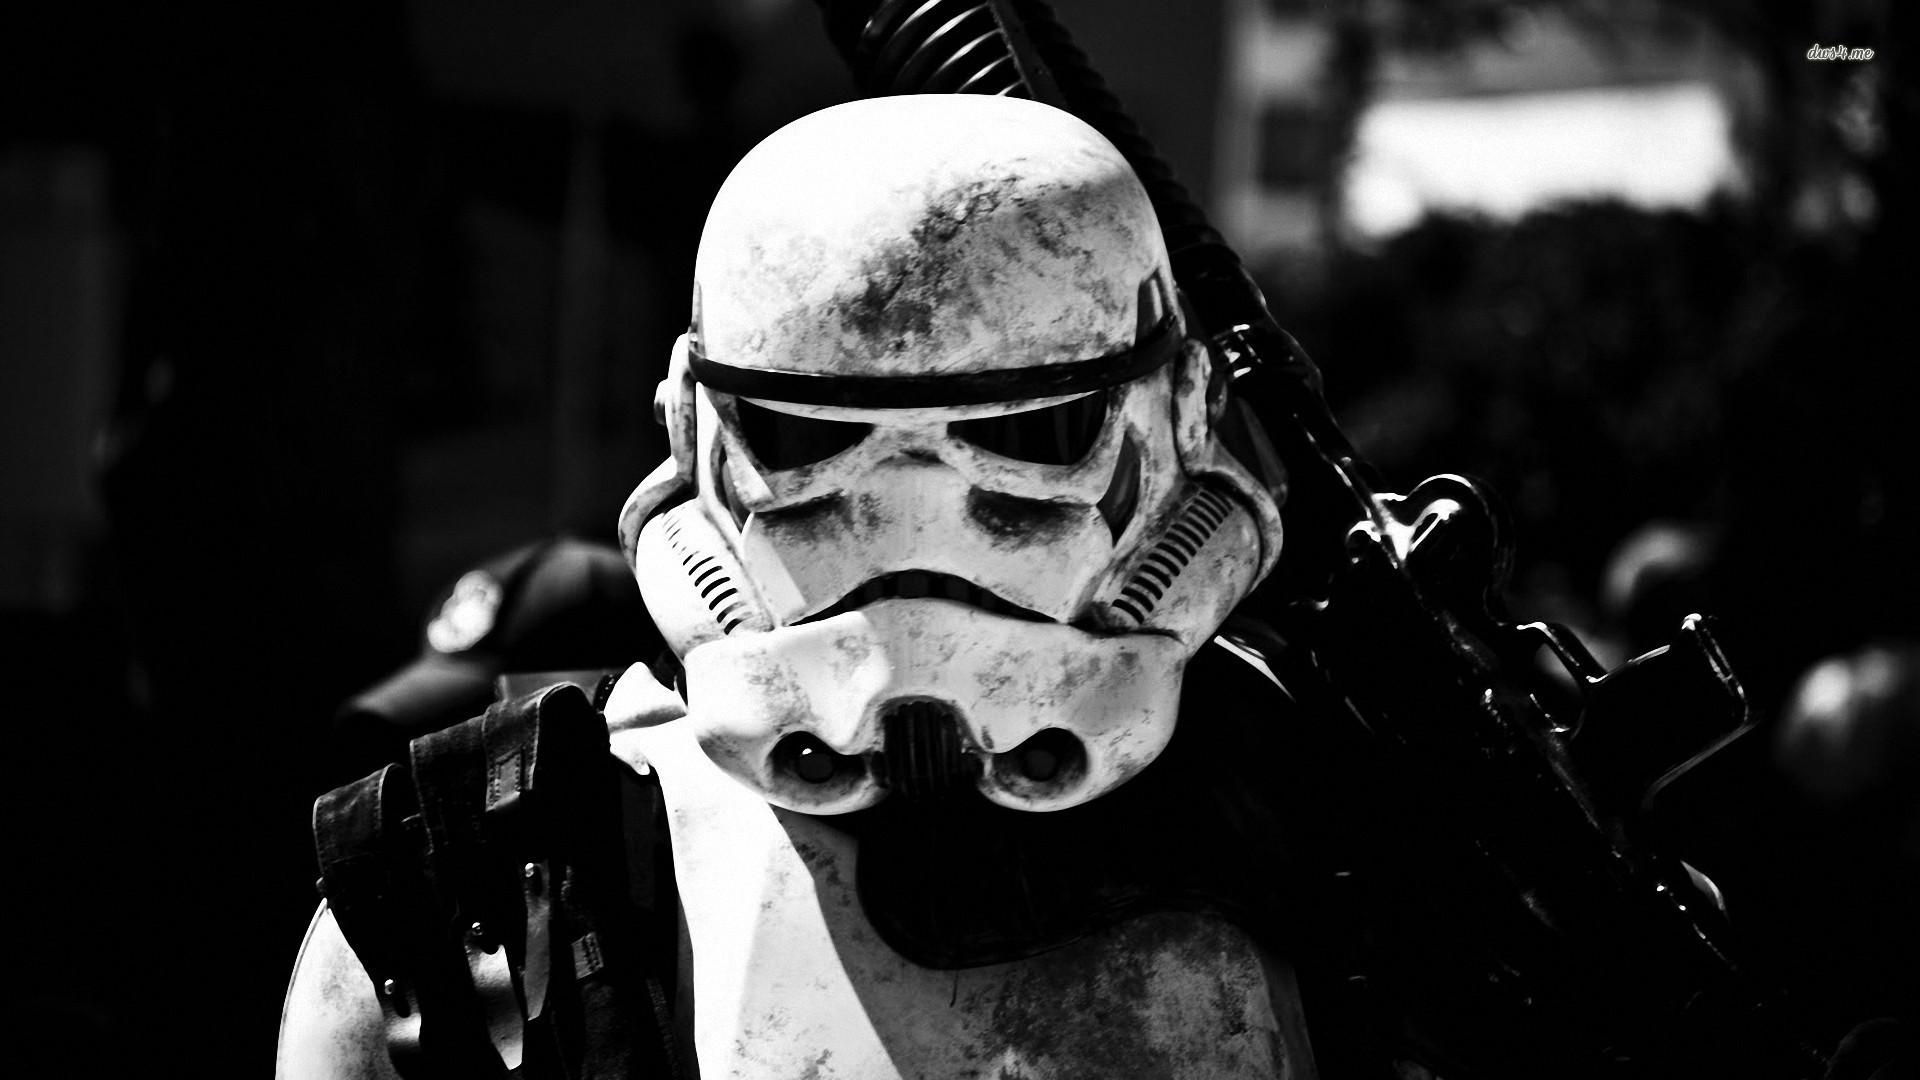 Stormtrooper Desktop Wallpaper Wallpapersafari